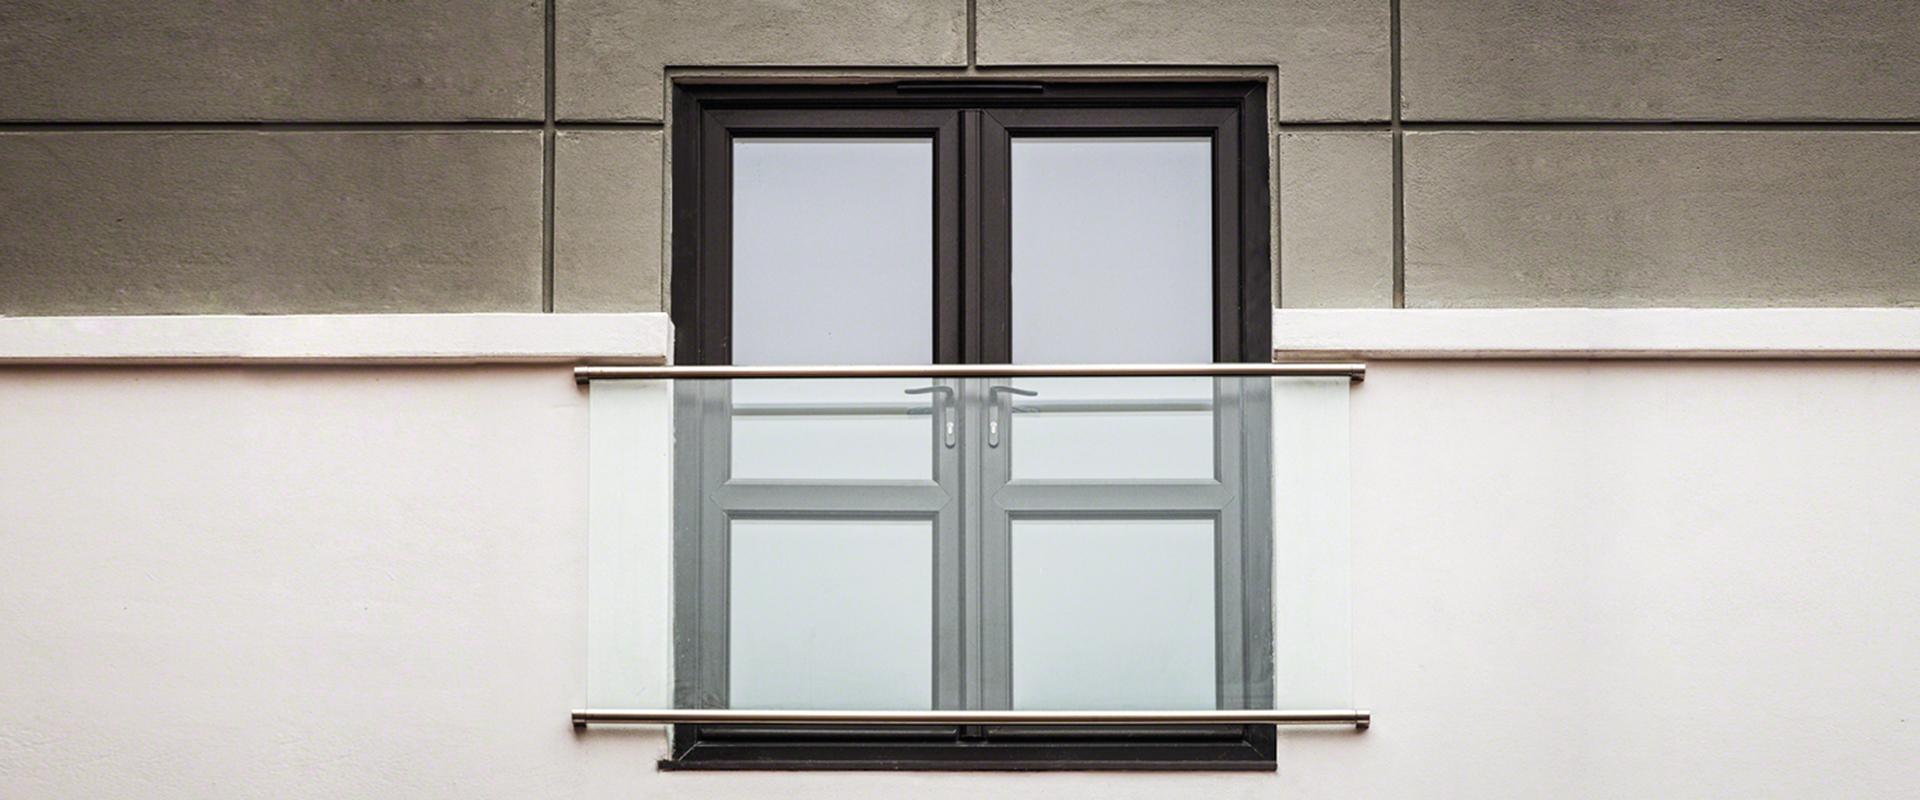 fransk-balkong1